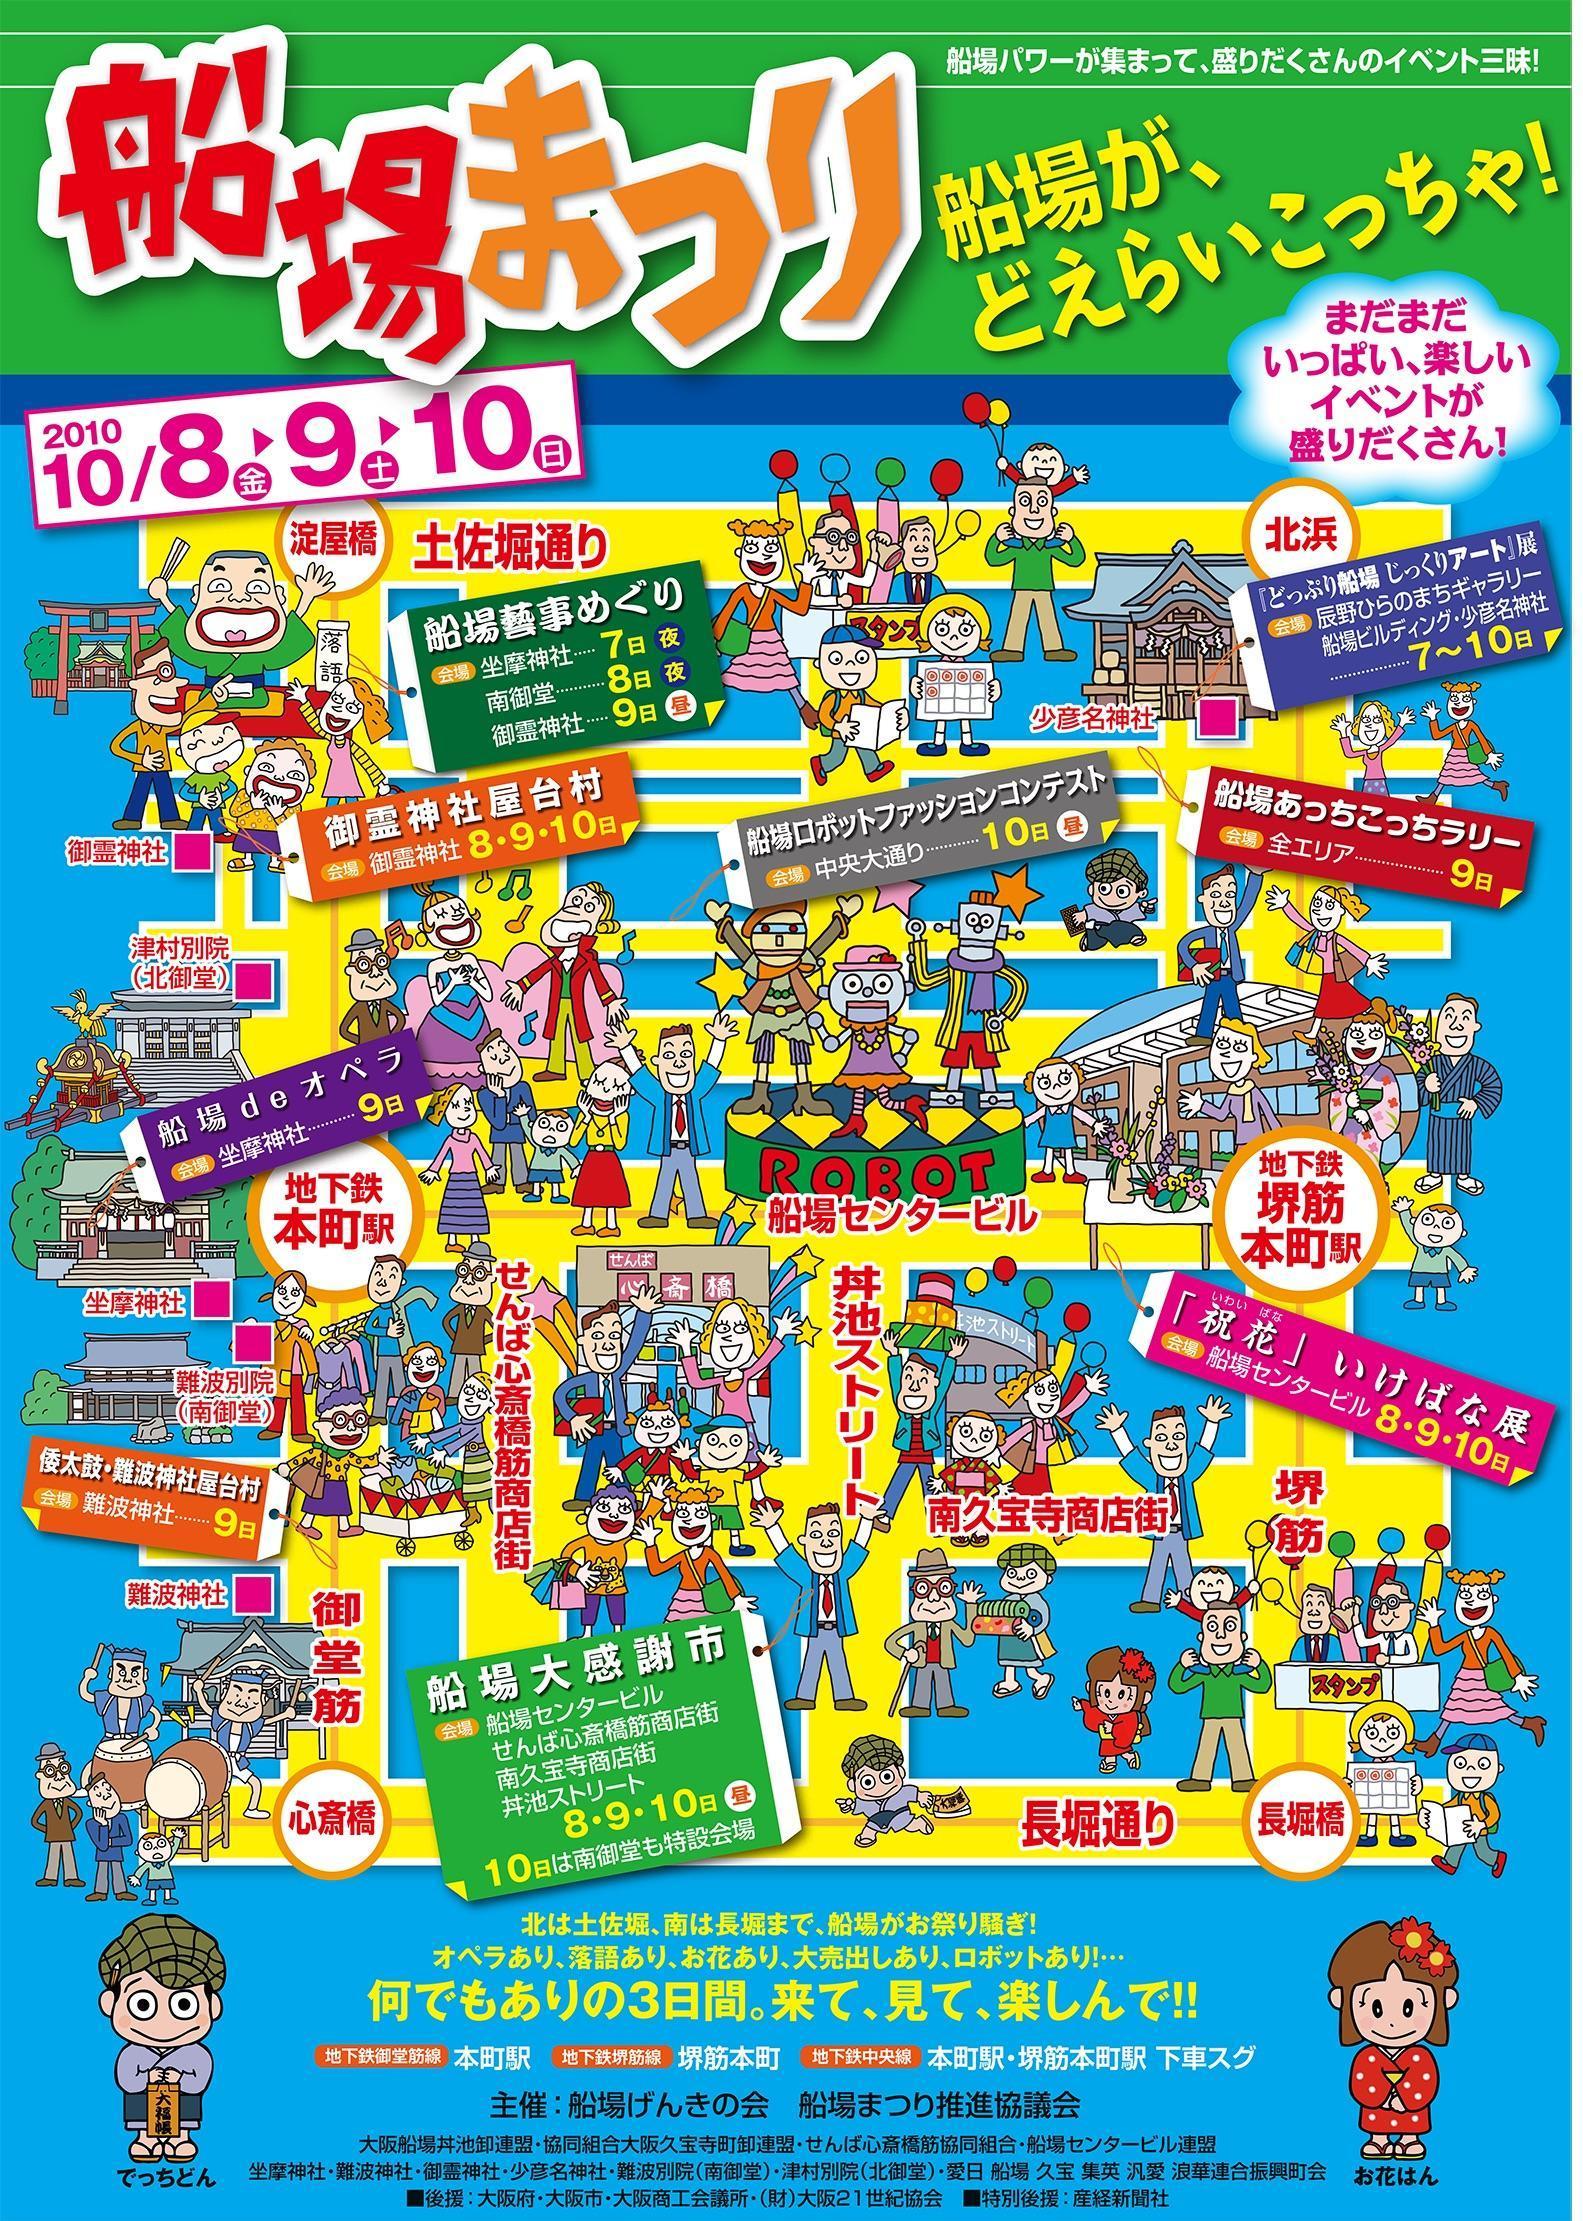 船場まつり 2010/10/8,9,10